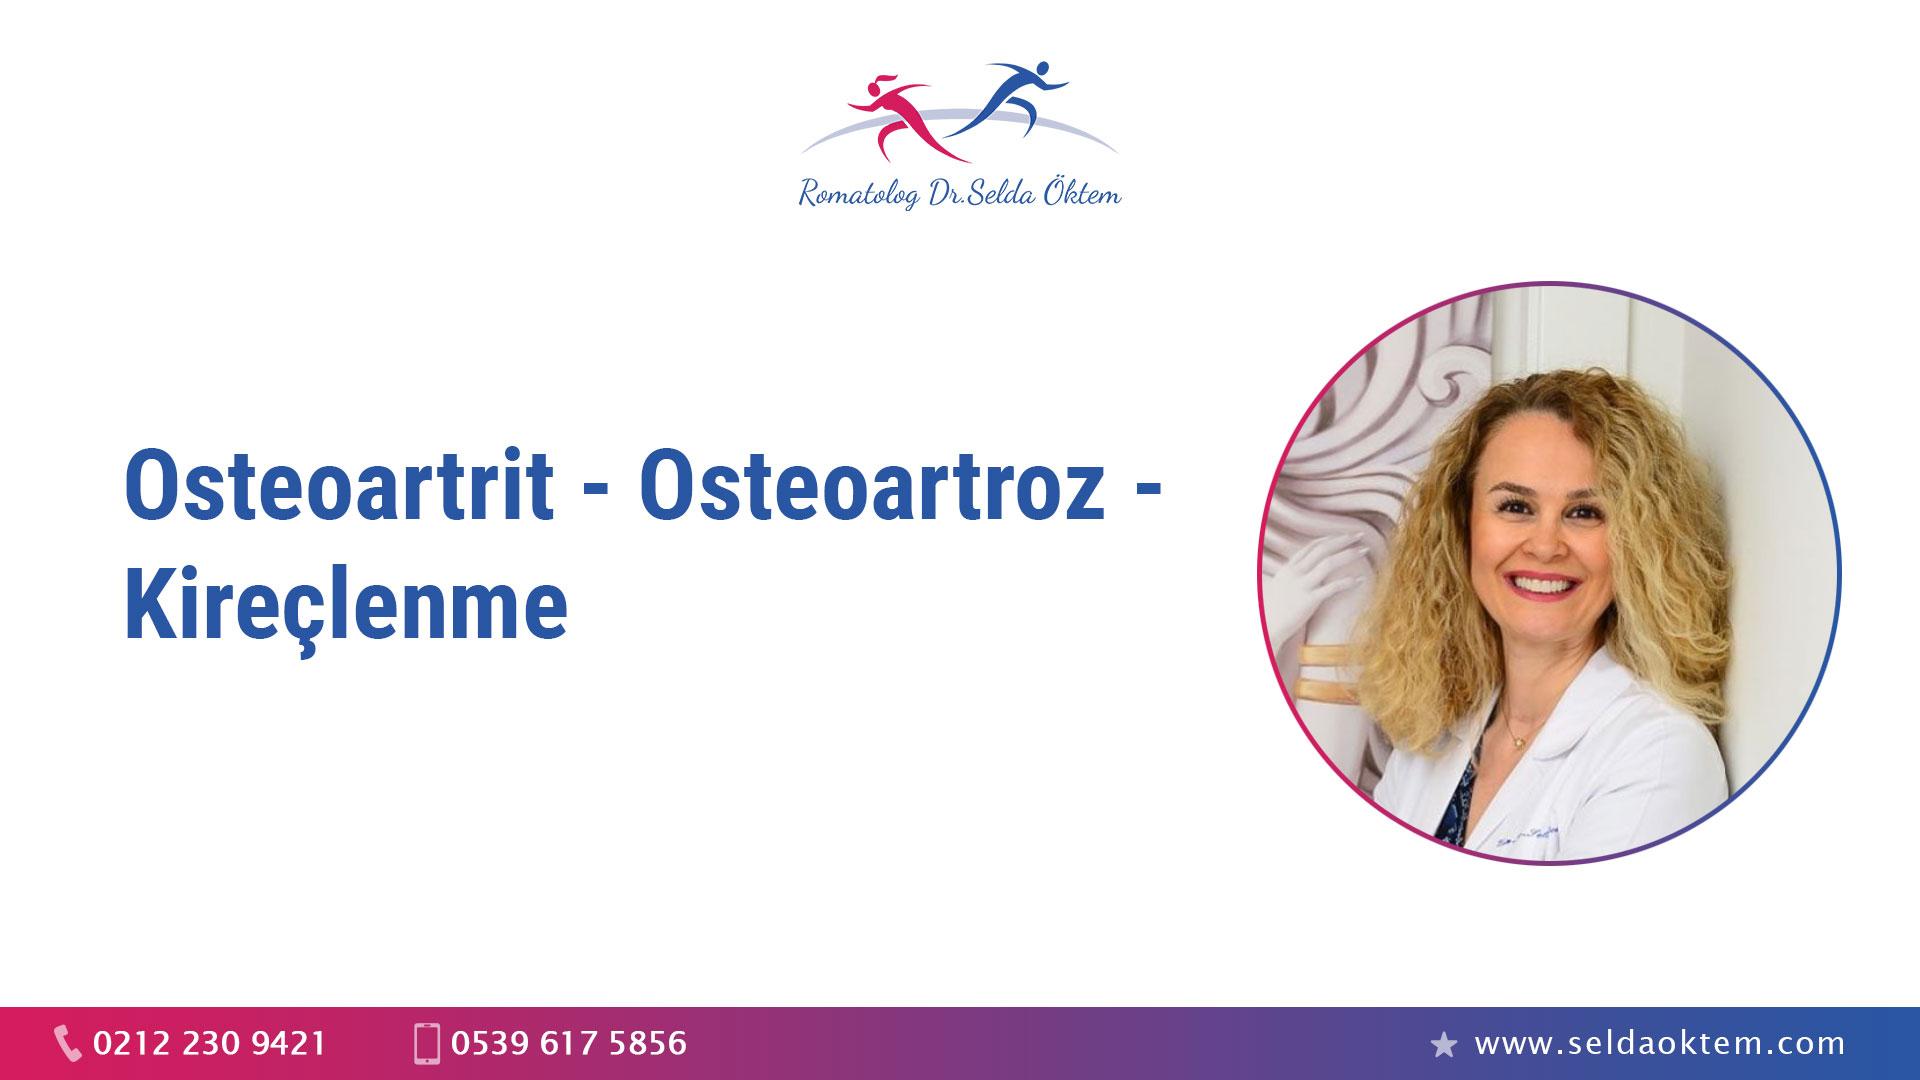 Osteoartrit - Kireçlenme - Osteoartroz